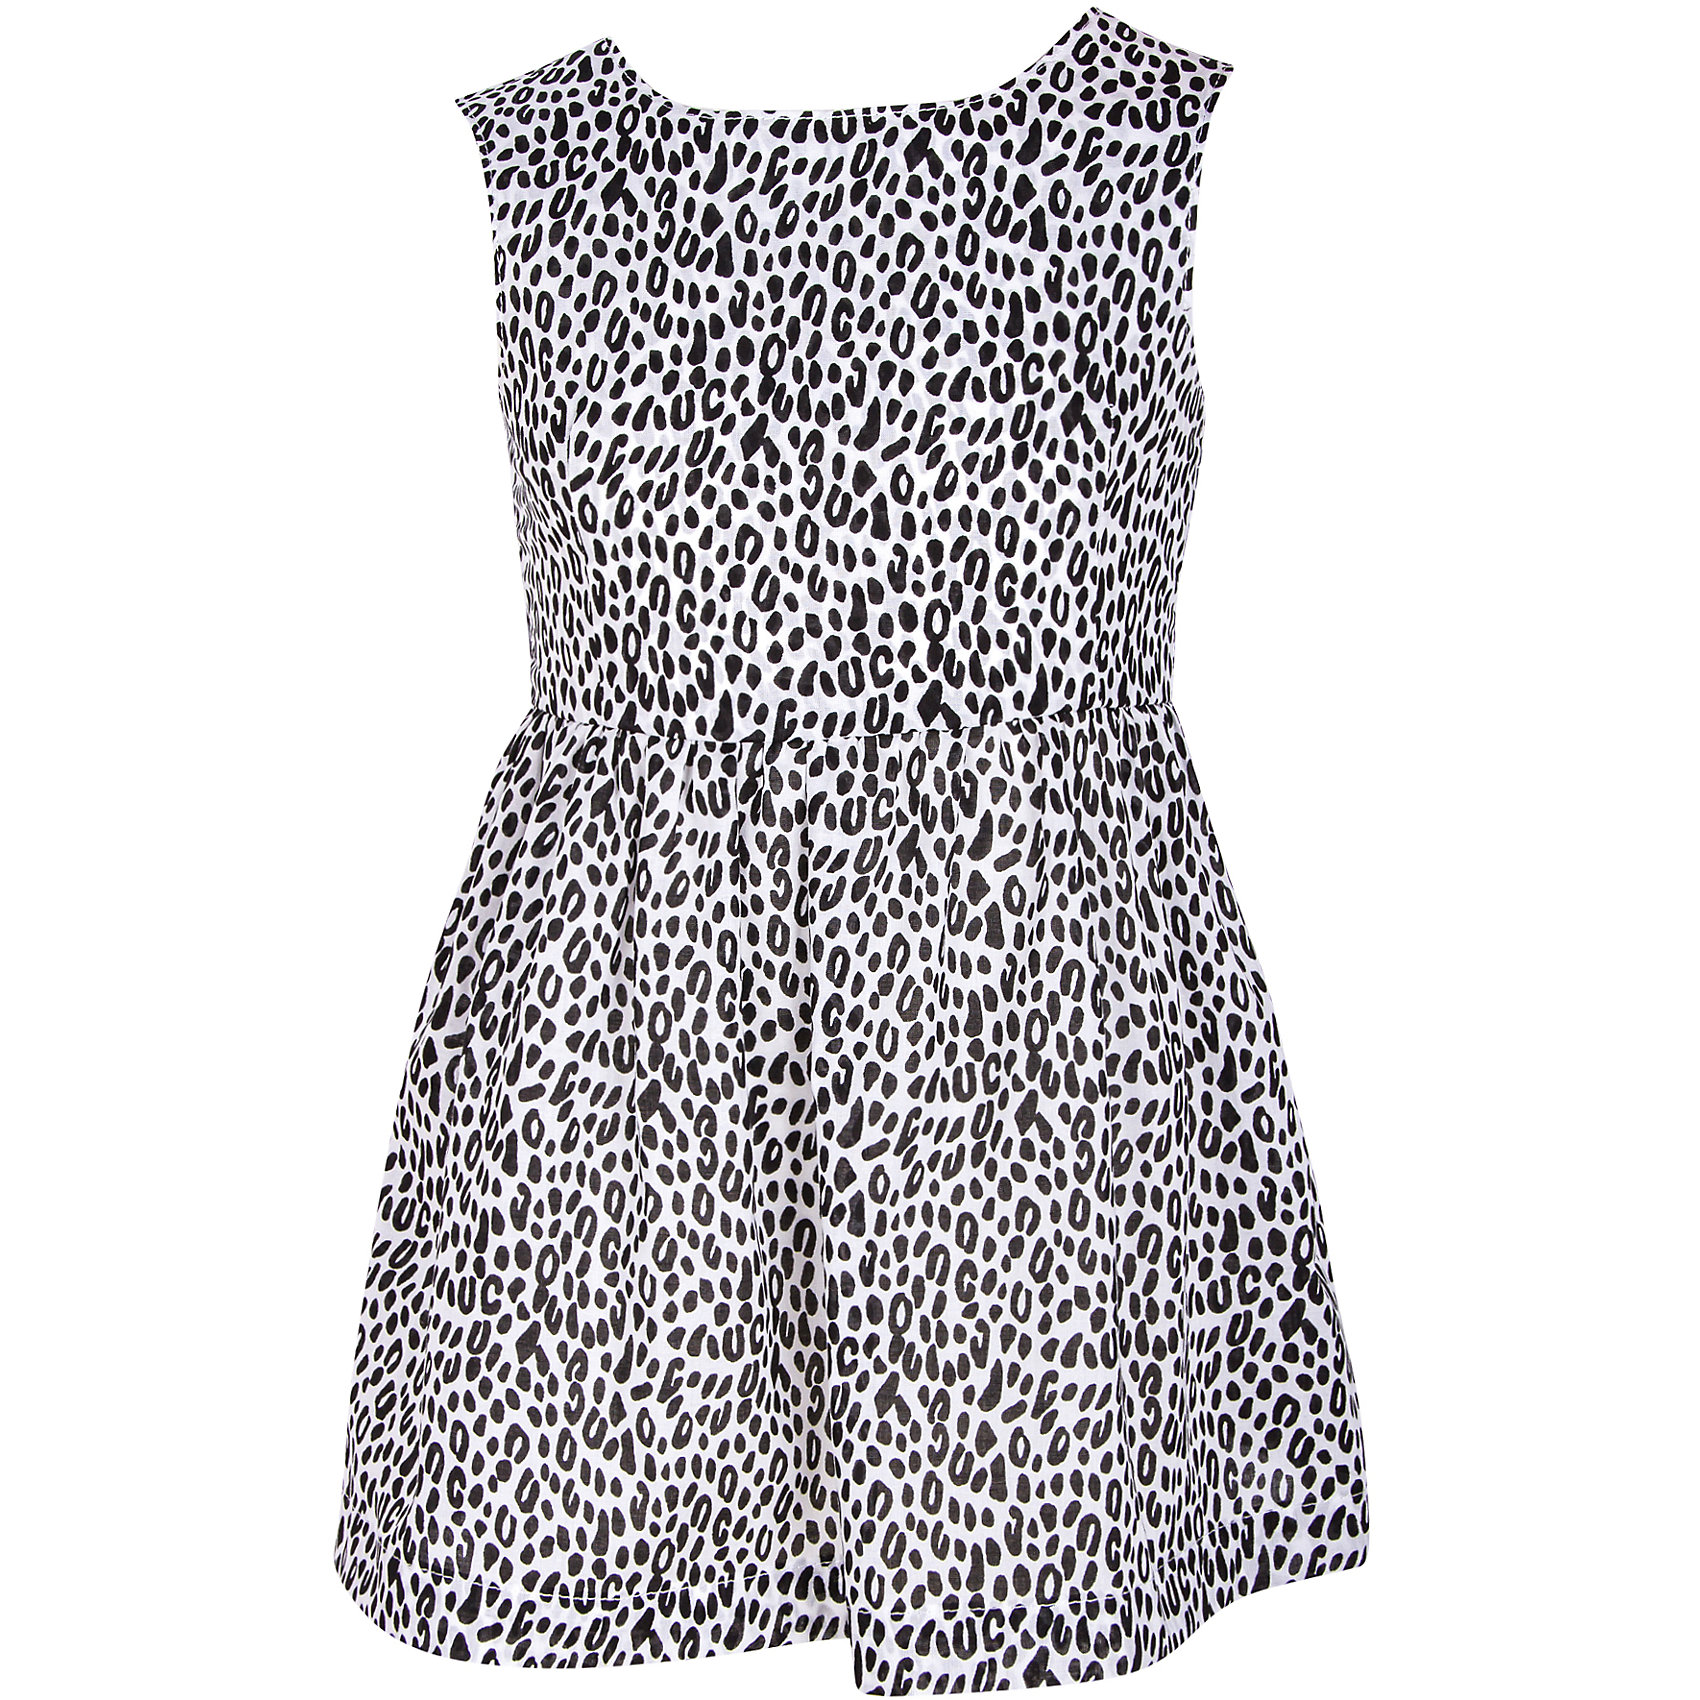 Платье для девочки WOWПлатья и сарафаны<br>Платье для девочки от марки WOW.<br>Спинка платья полуоткрытая, с застежкой на 2 пуговицы, сзади по линии талии вставлена резинка.<br>Состав:<br>поплин 100%хлопок<br><br>Ширина мм: 236<br>Глубина мм: 16<br>Высота мм: 184<br>Вес г: 177<br>Цвет: черный<br>Возраст от месяцев: 36<br>Возраст до месяцев: 48<br>Пол: Женский<br>Возраст: Детский<br>Размер: 104,98,110,128,134,122,116<br>SKU: 4578547